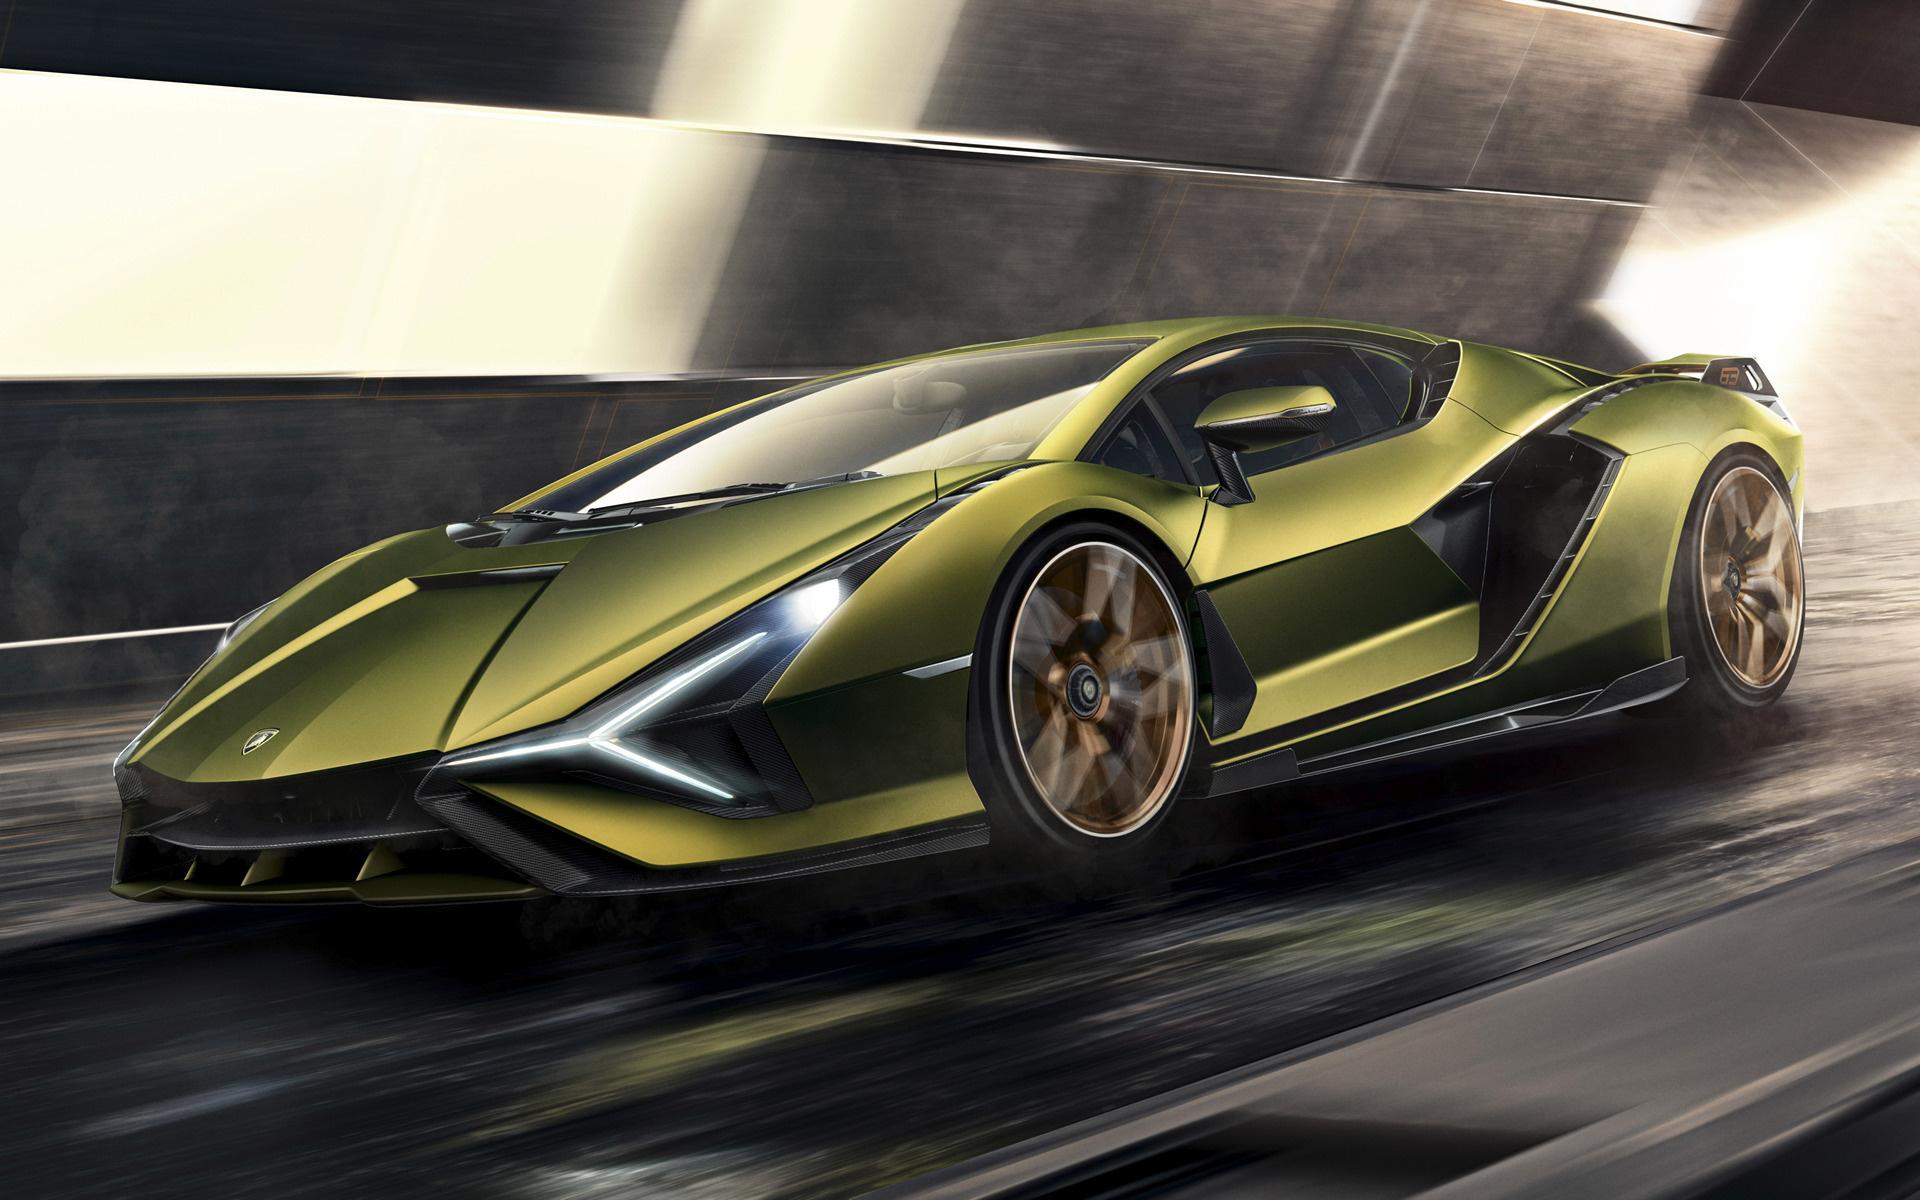 Lamborghini Sian Fkp  Wallpapers And Hd Images Car Pixel